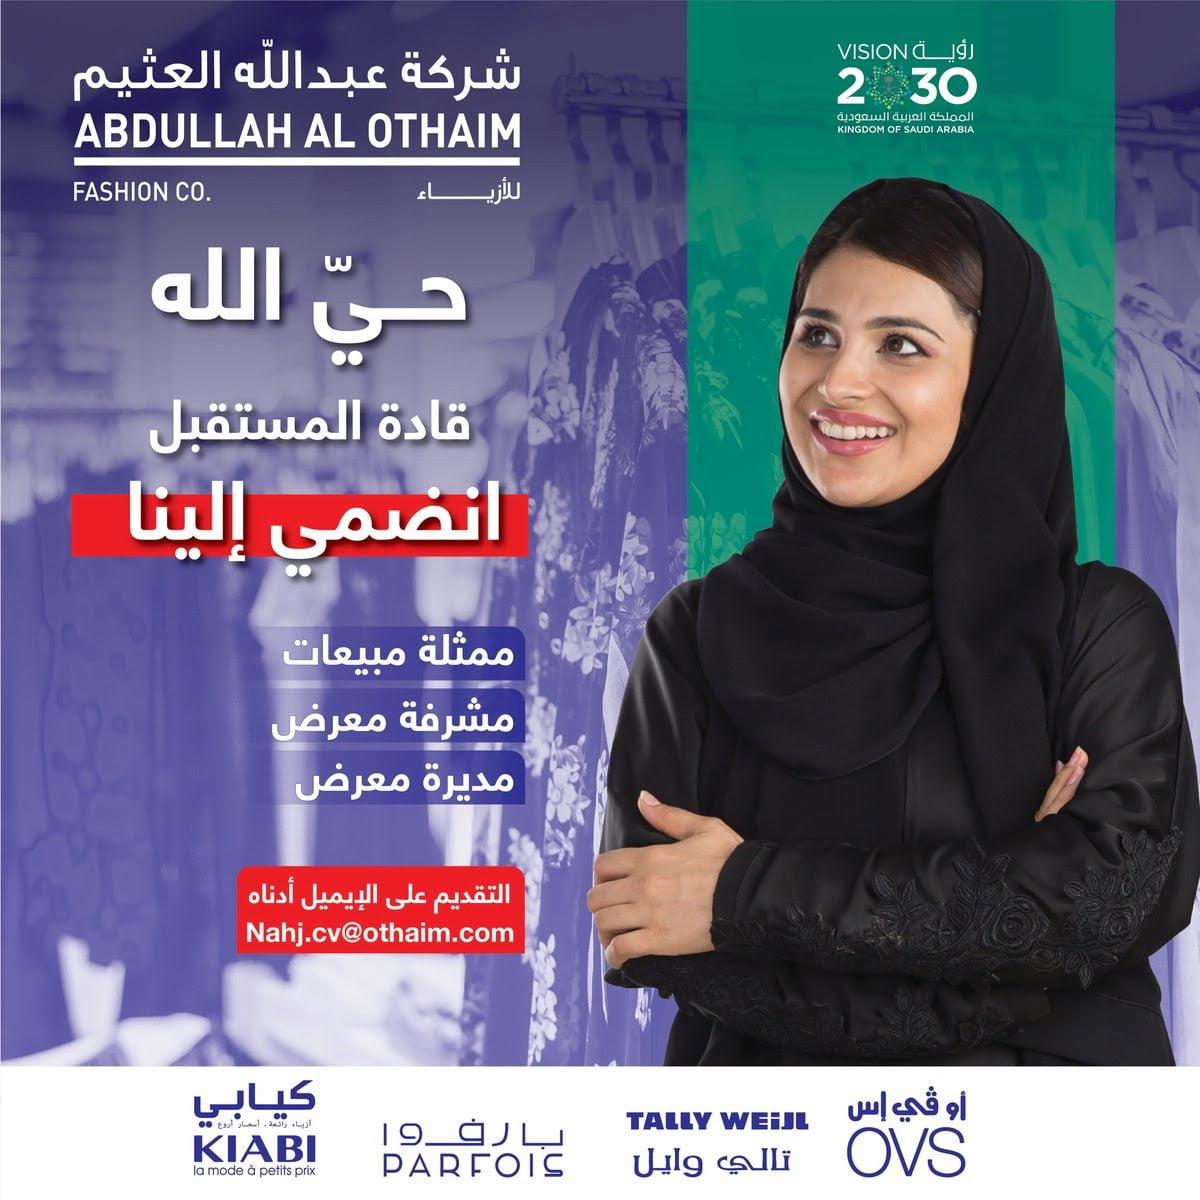 فتح باب التوظيف رجال / نساء بجميع فروعها بالمملكة لدى شركة عبدالله العثيم 5